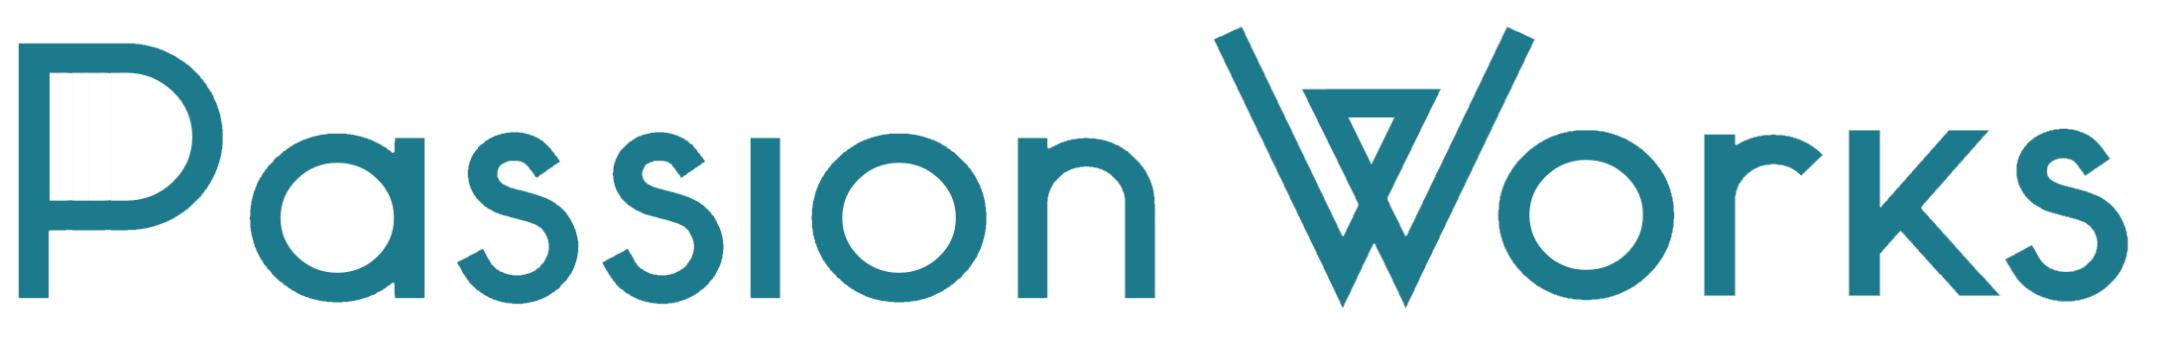 logo passion works Se v2